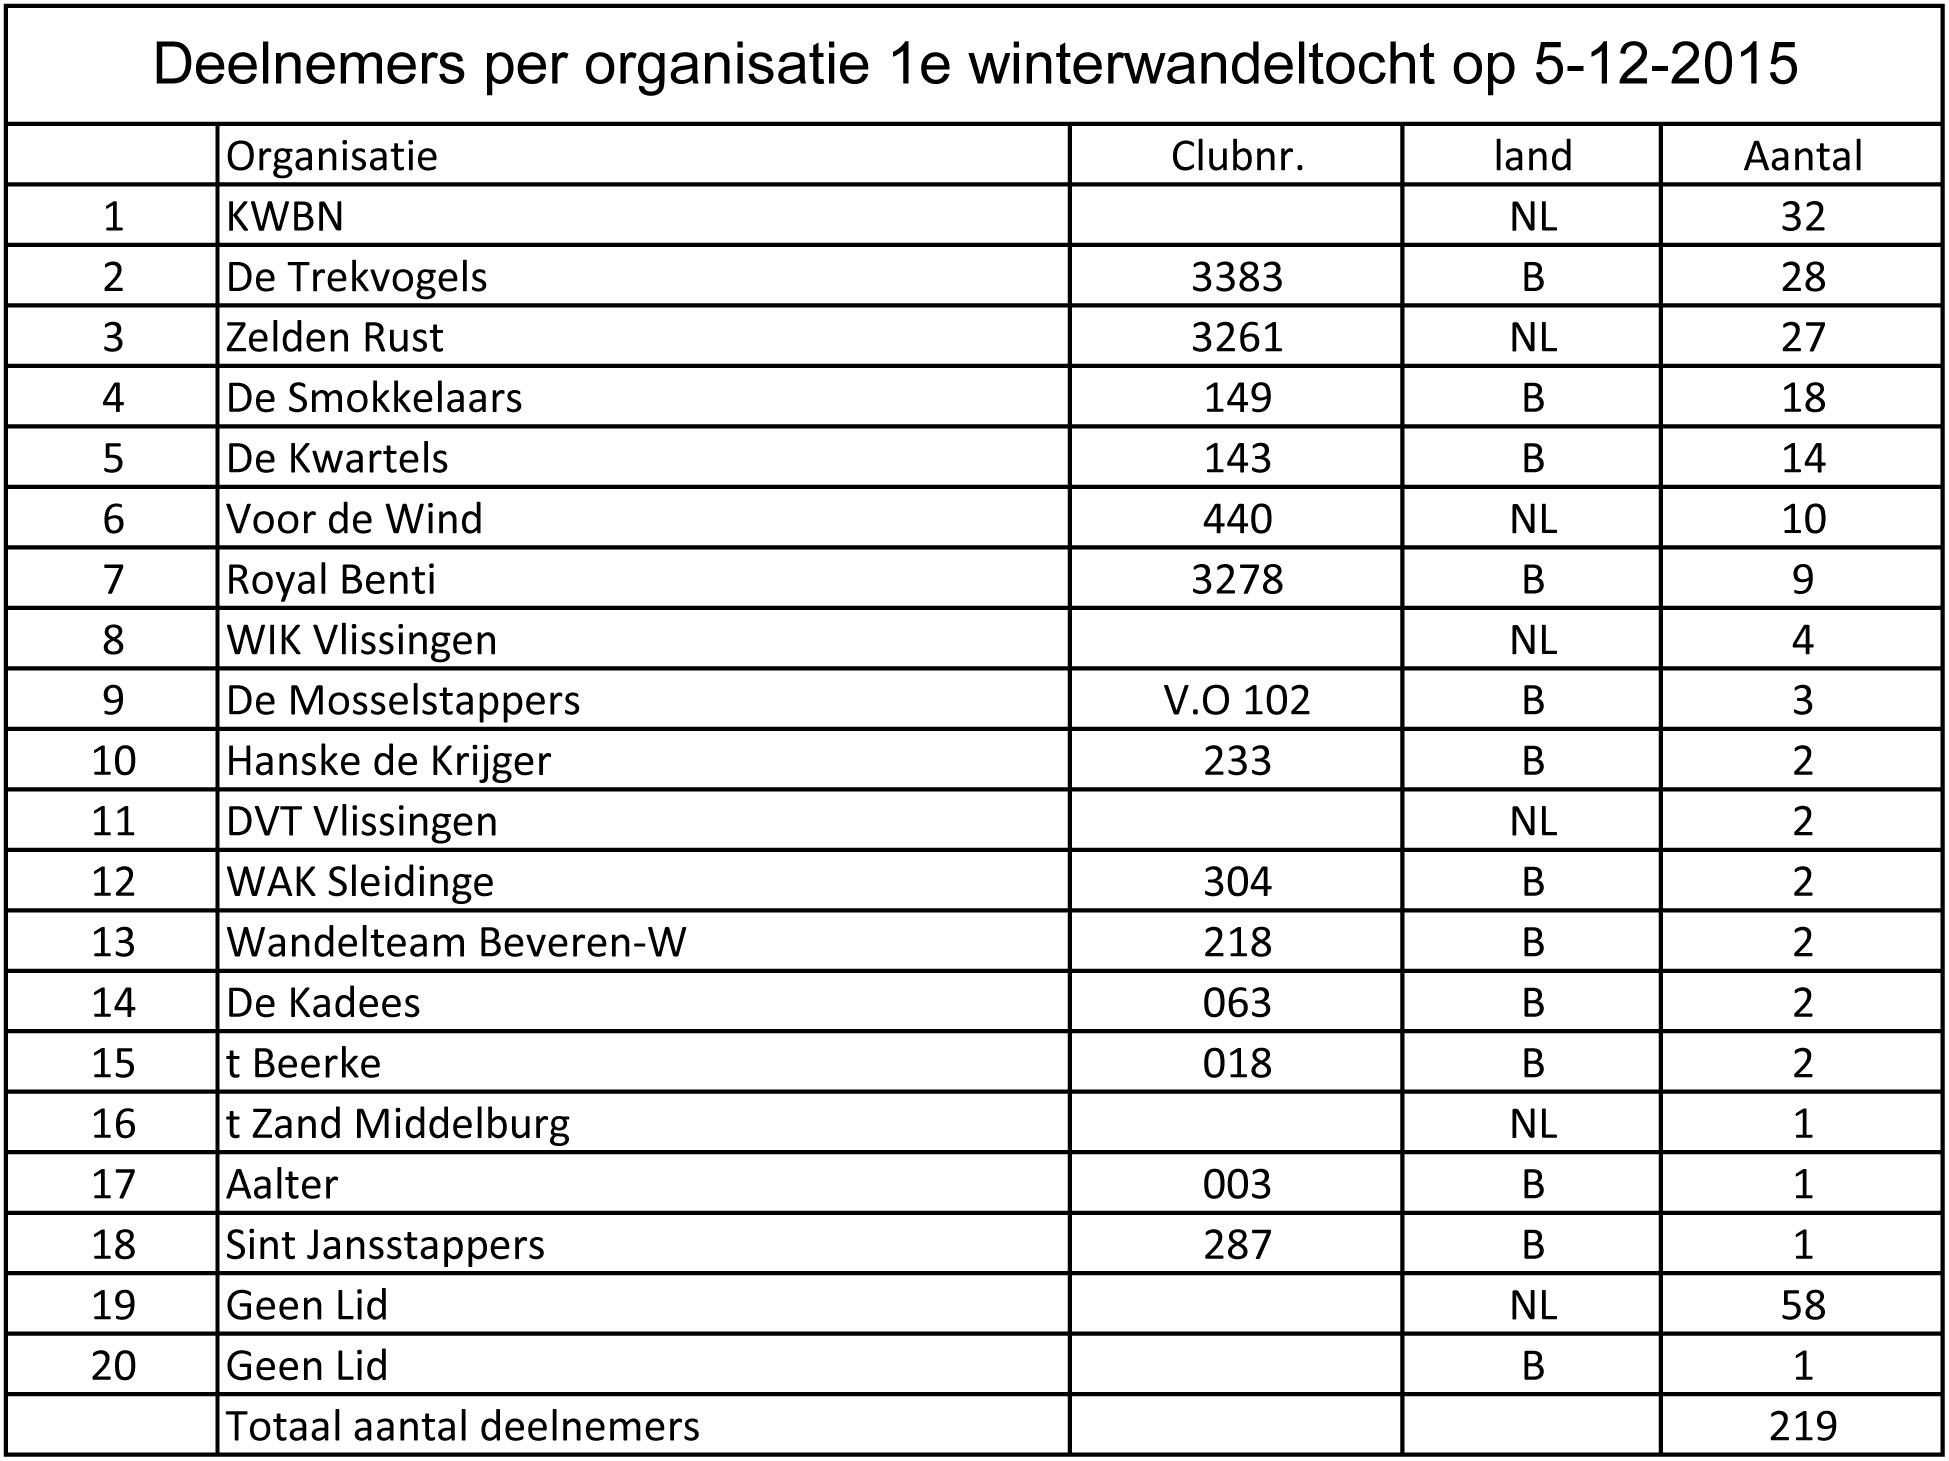 Deelnemers per organisatie 2015-05-12